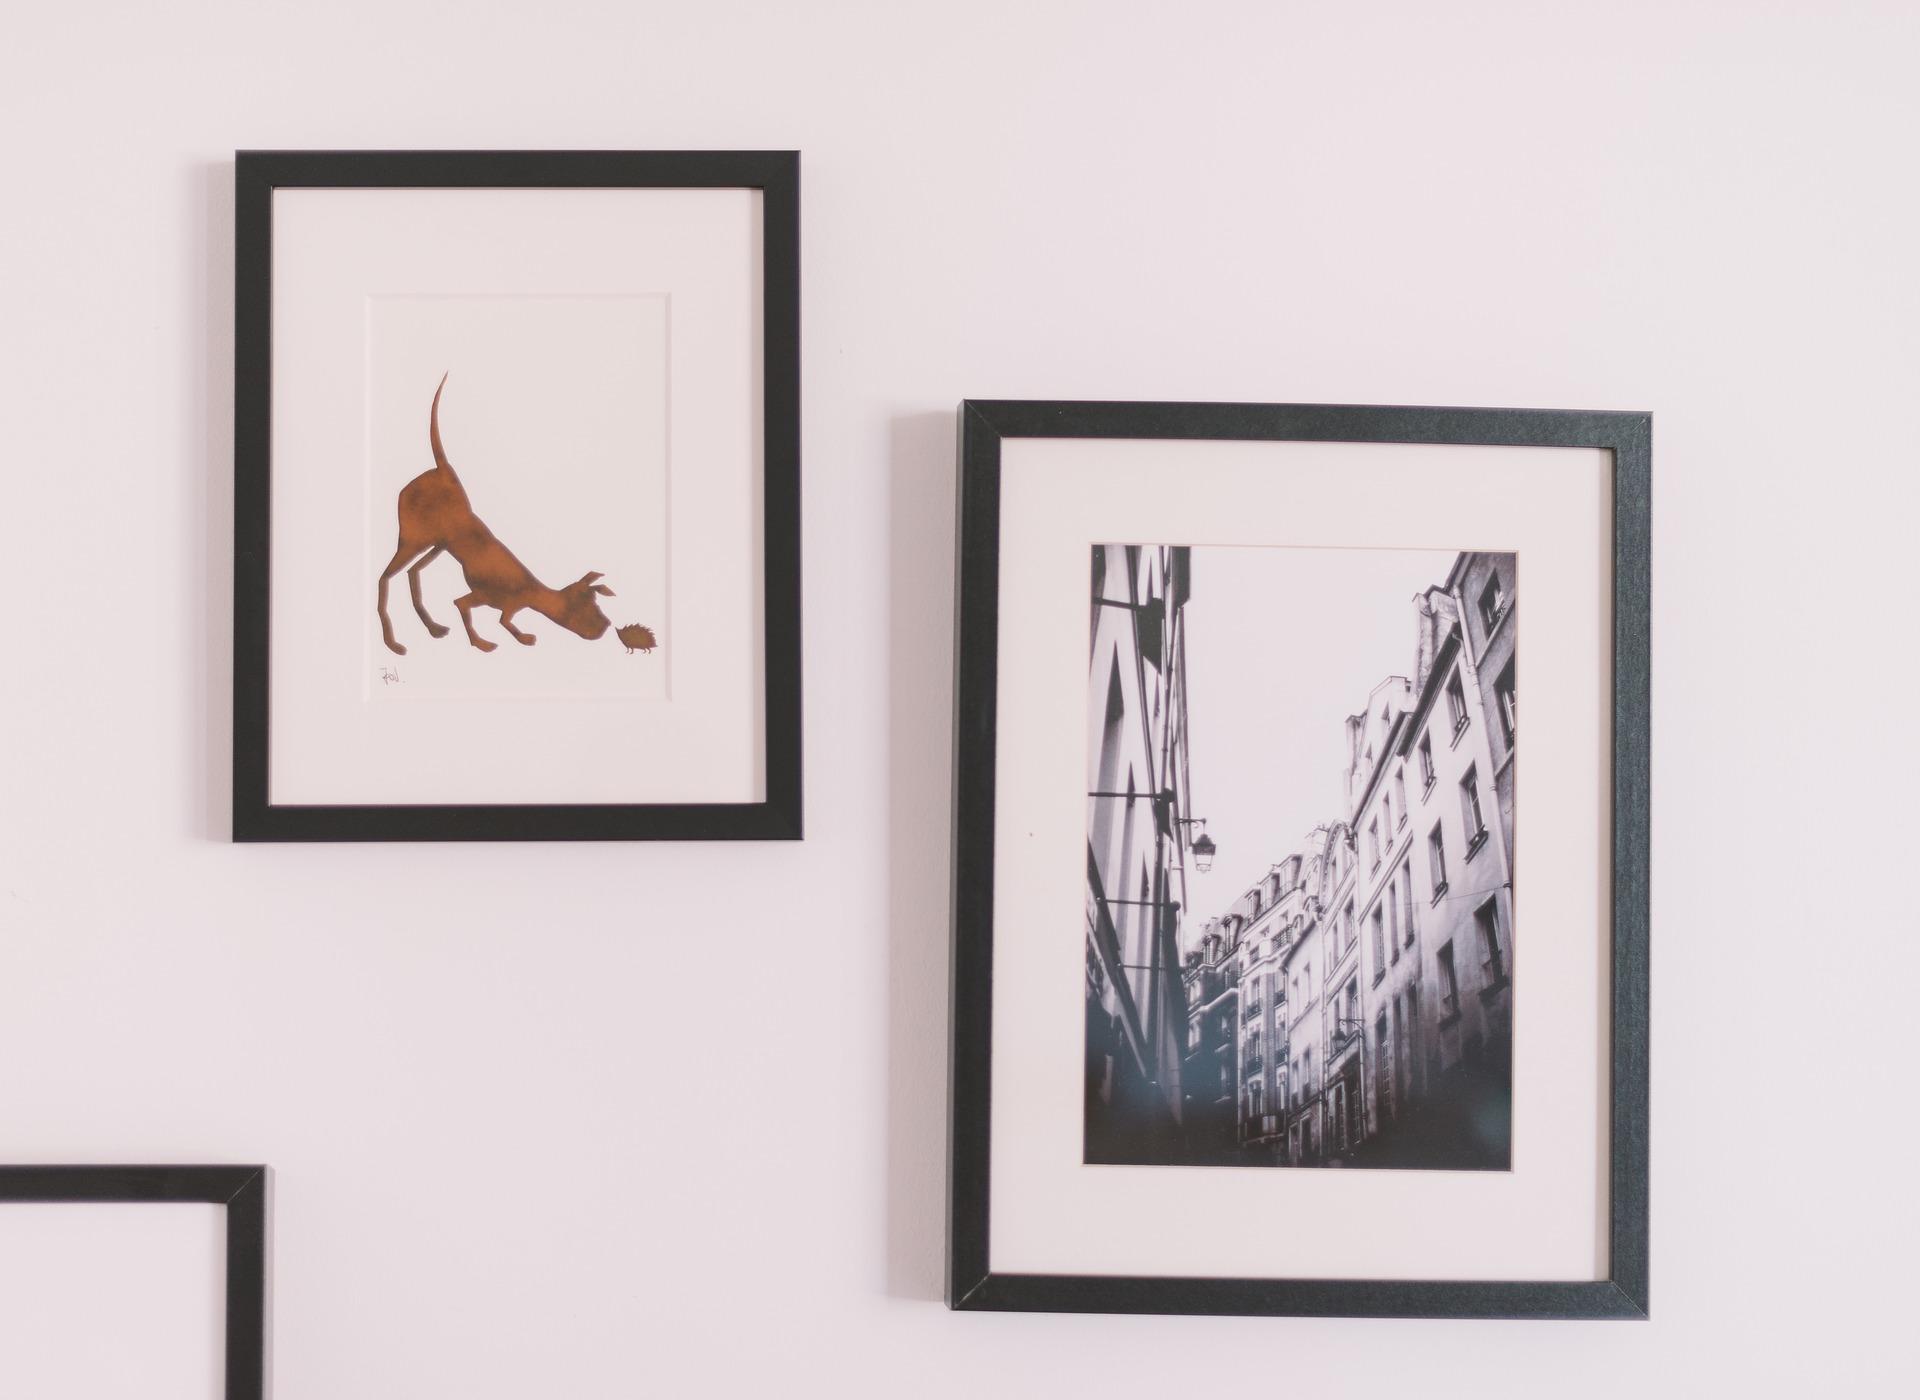 Wie lade ich Bilder auf meiner Jimdo Seite hoch?